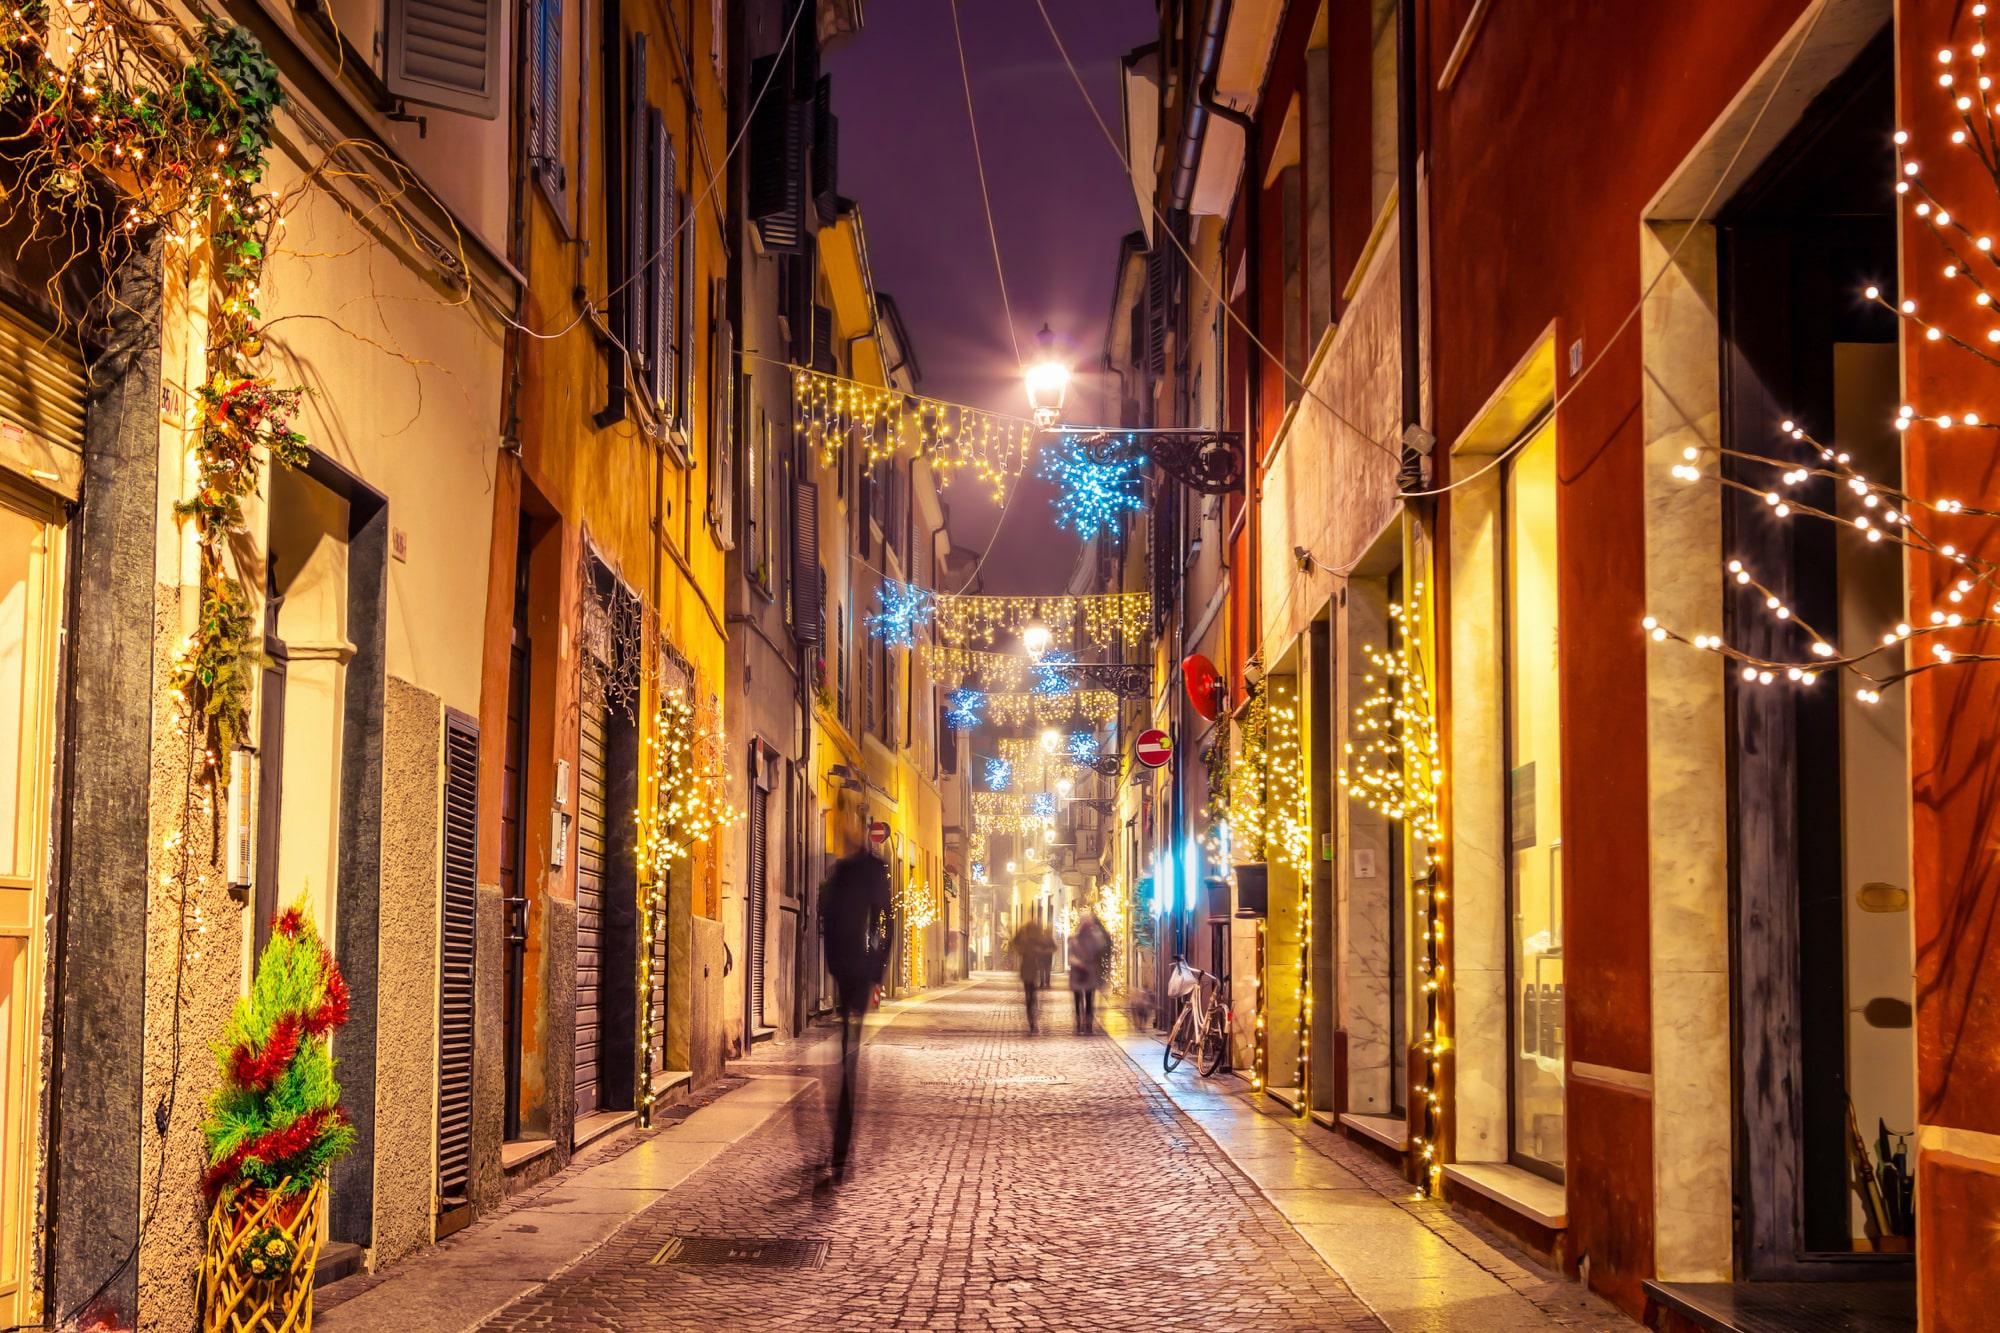 イタリア文化 街